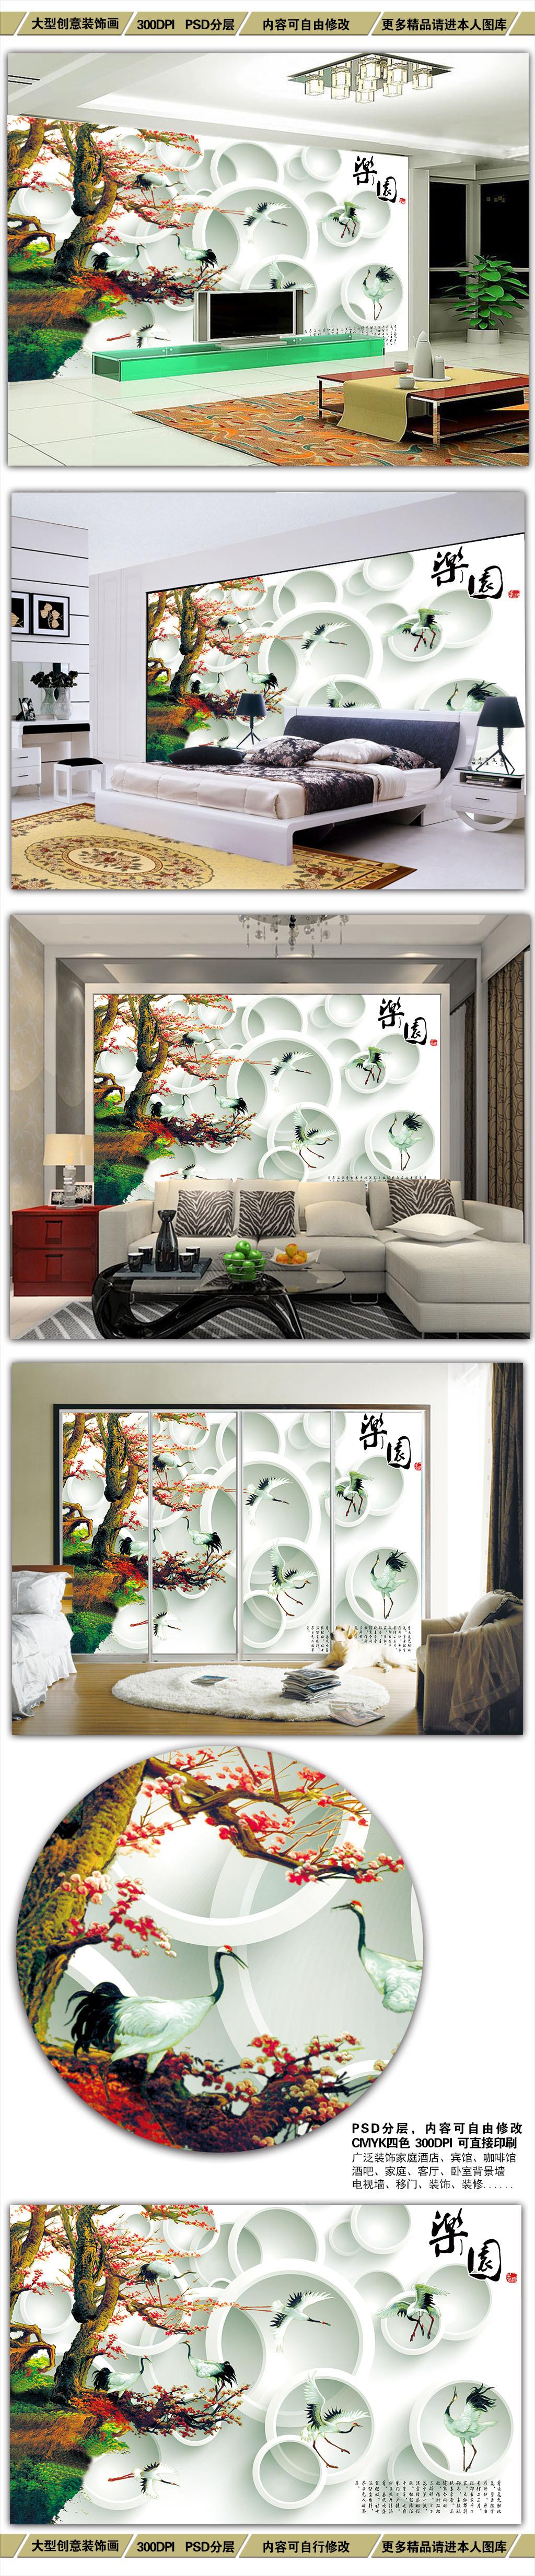 仙鹤 丹顶鹤 国画 高雅 花鸟 中国风 装饰画           沙发 现代